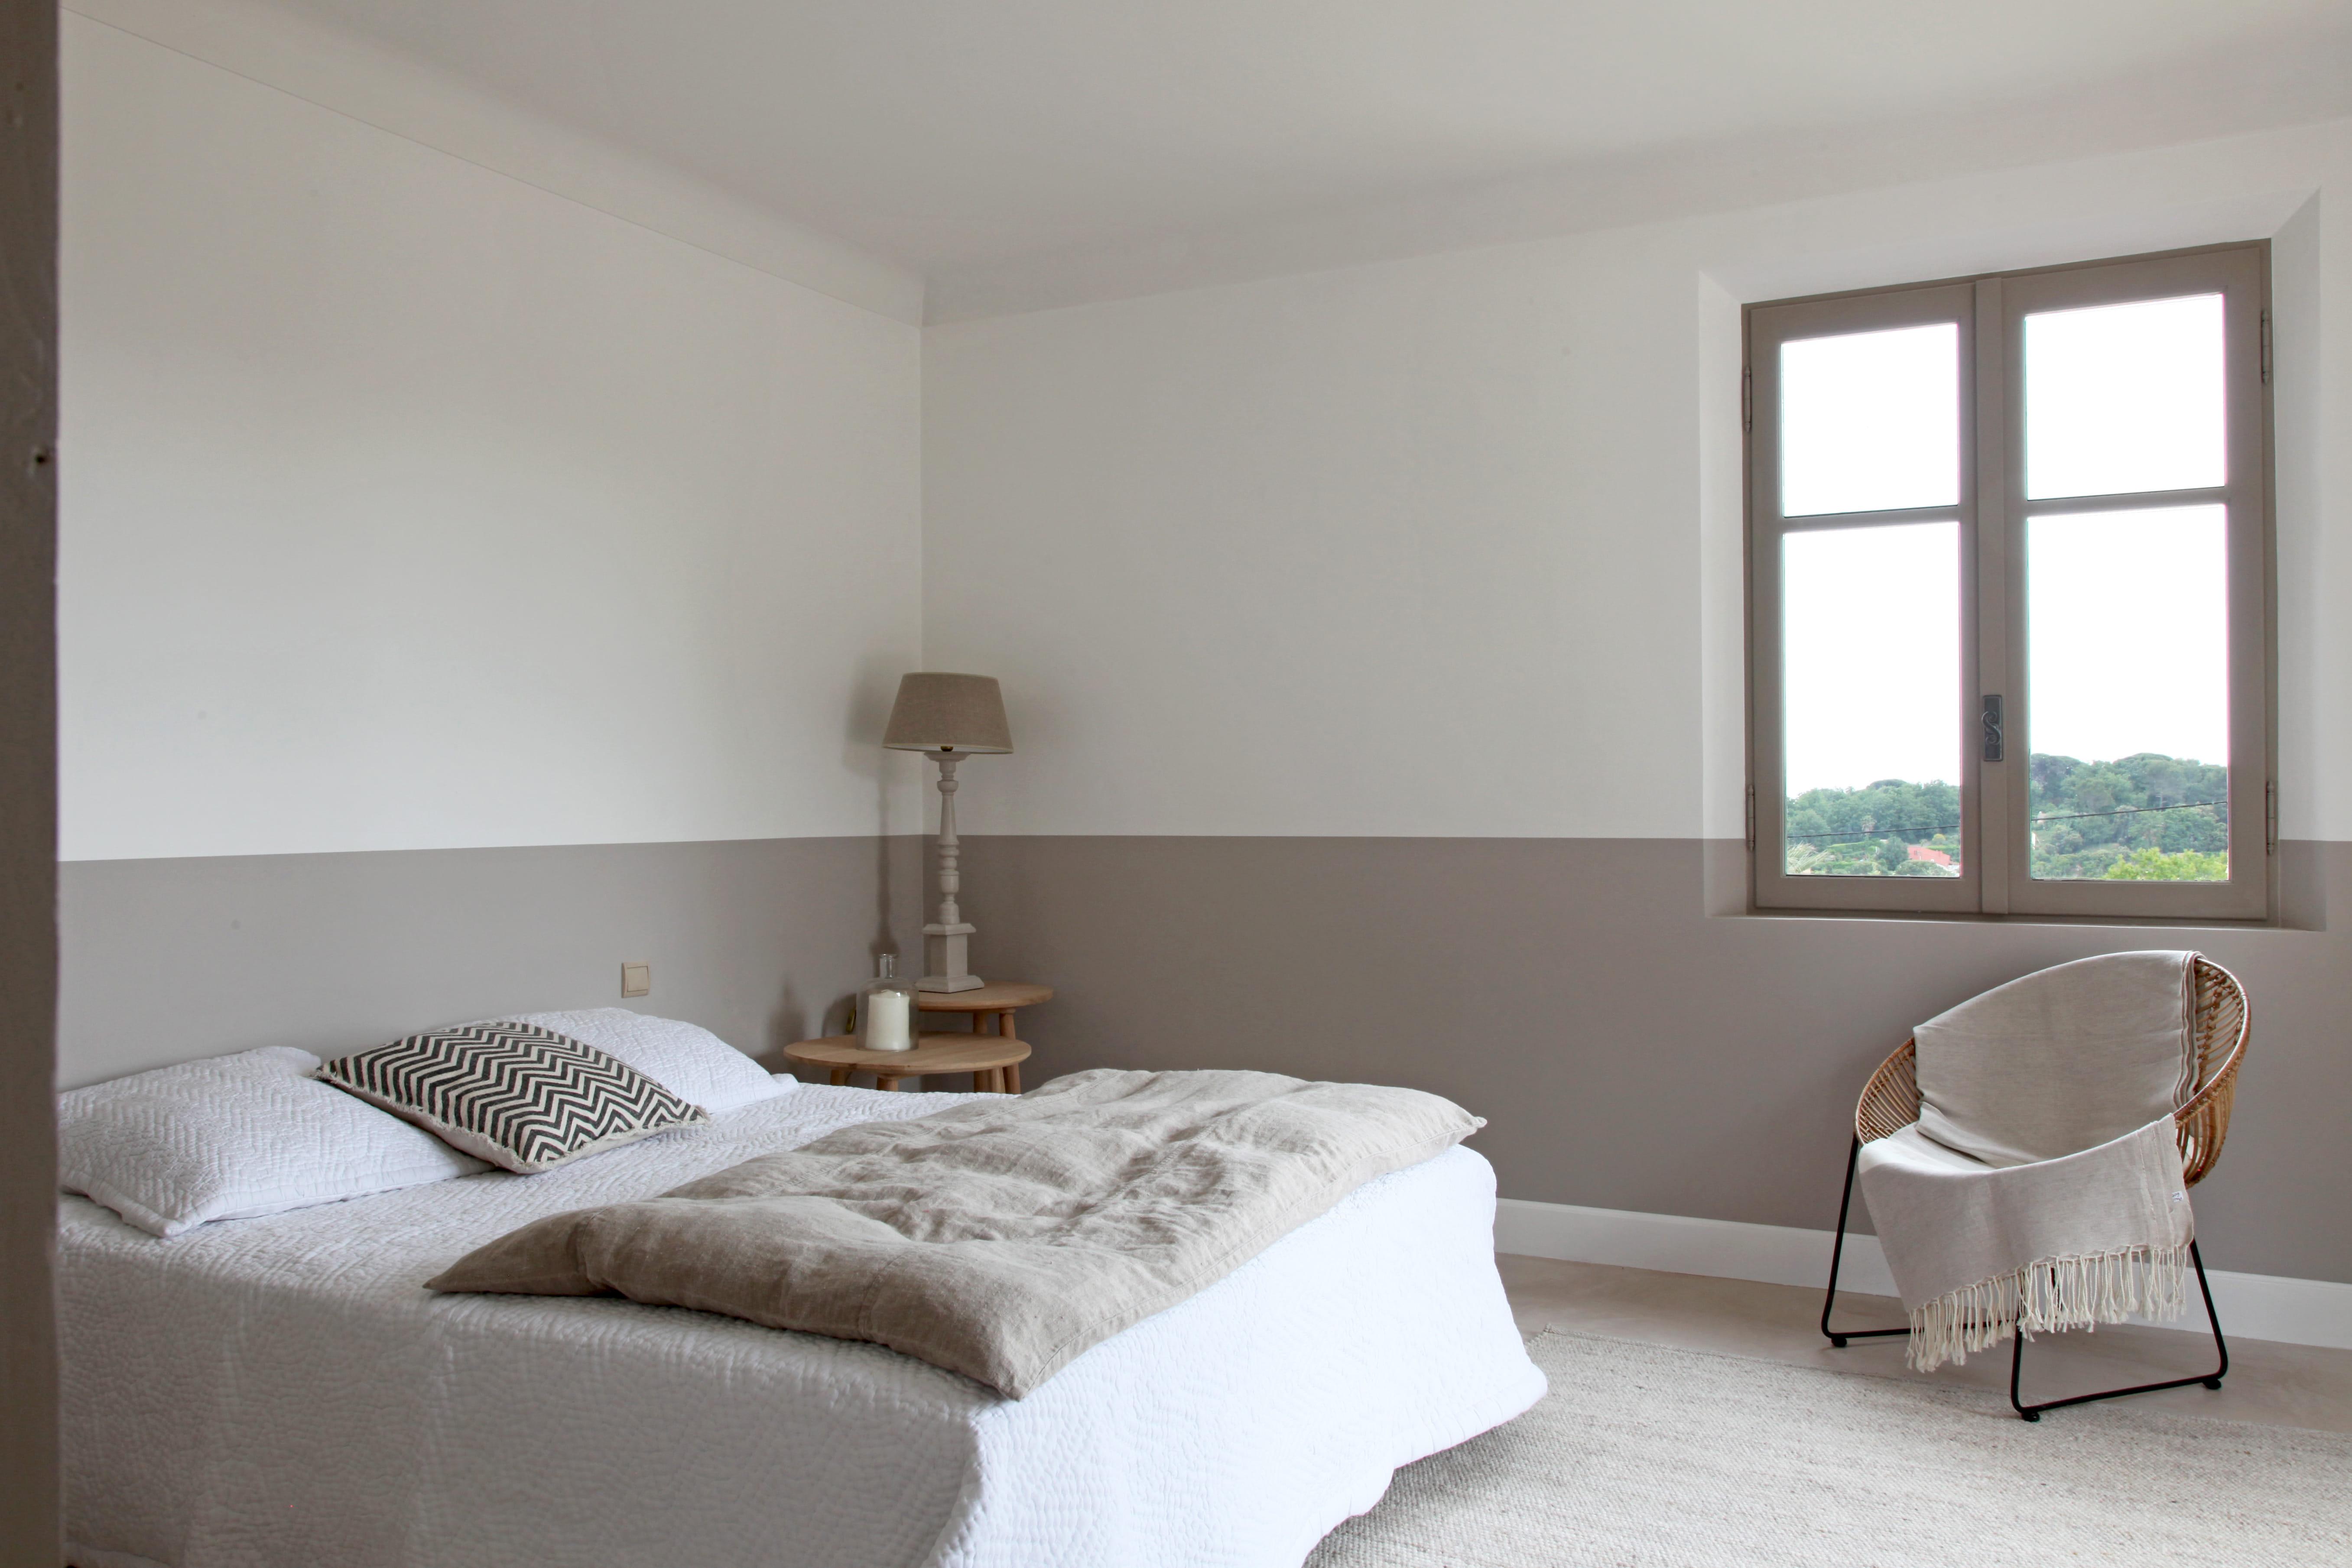 De la peinture en soubassement - Reactie peindre une chambre avec couleurs ...